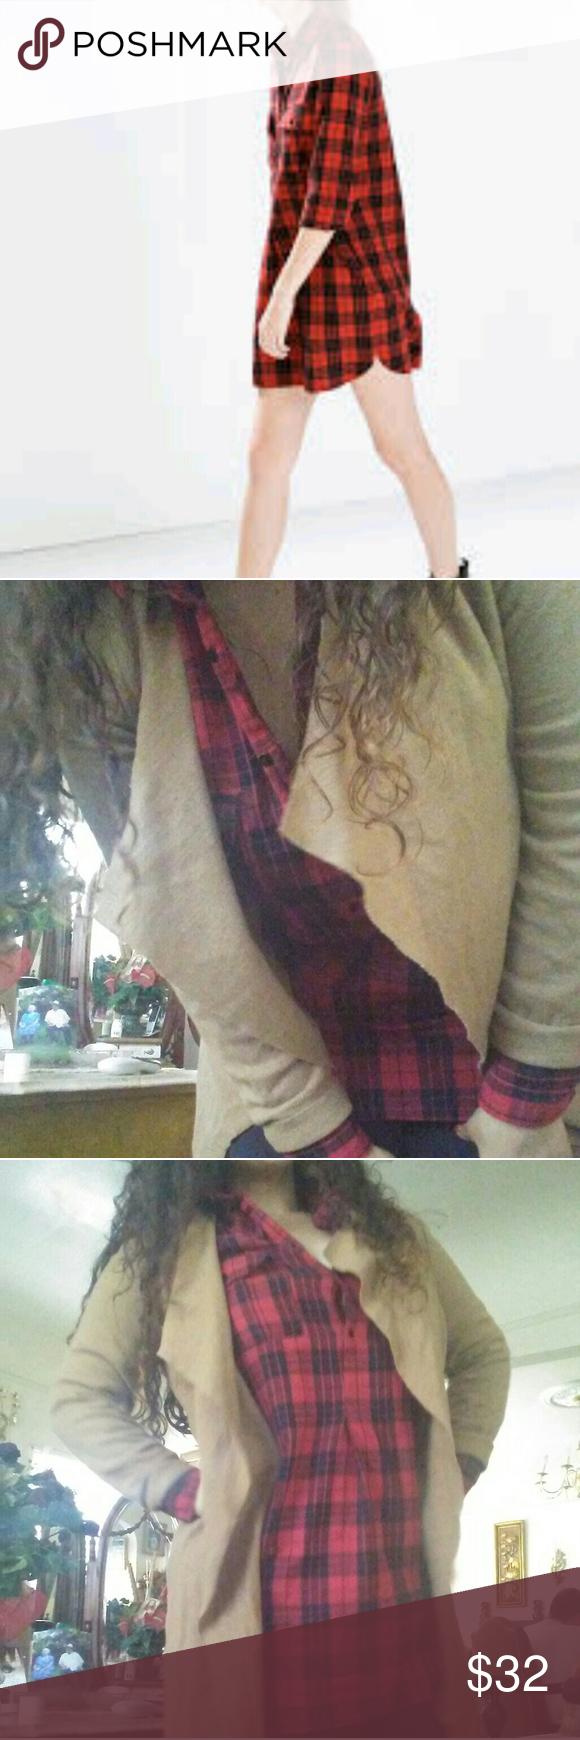 Zara flannel shirt mens  Zara Red Plaid Shirt Dress No flaws worn x max Zara Dresses Mini